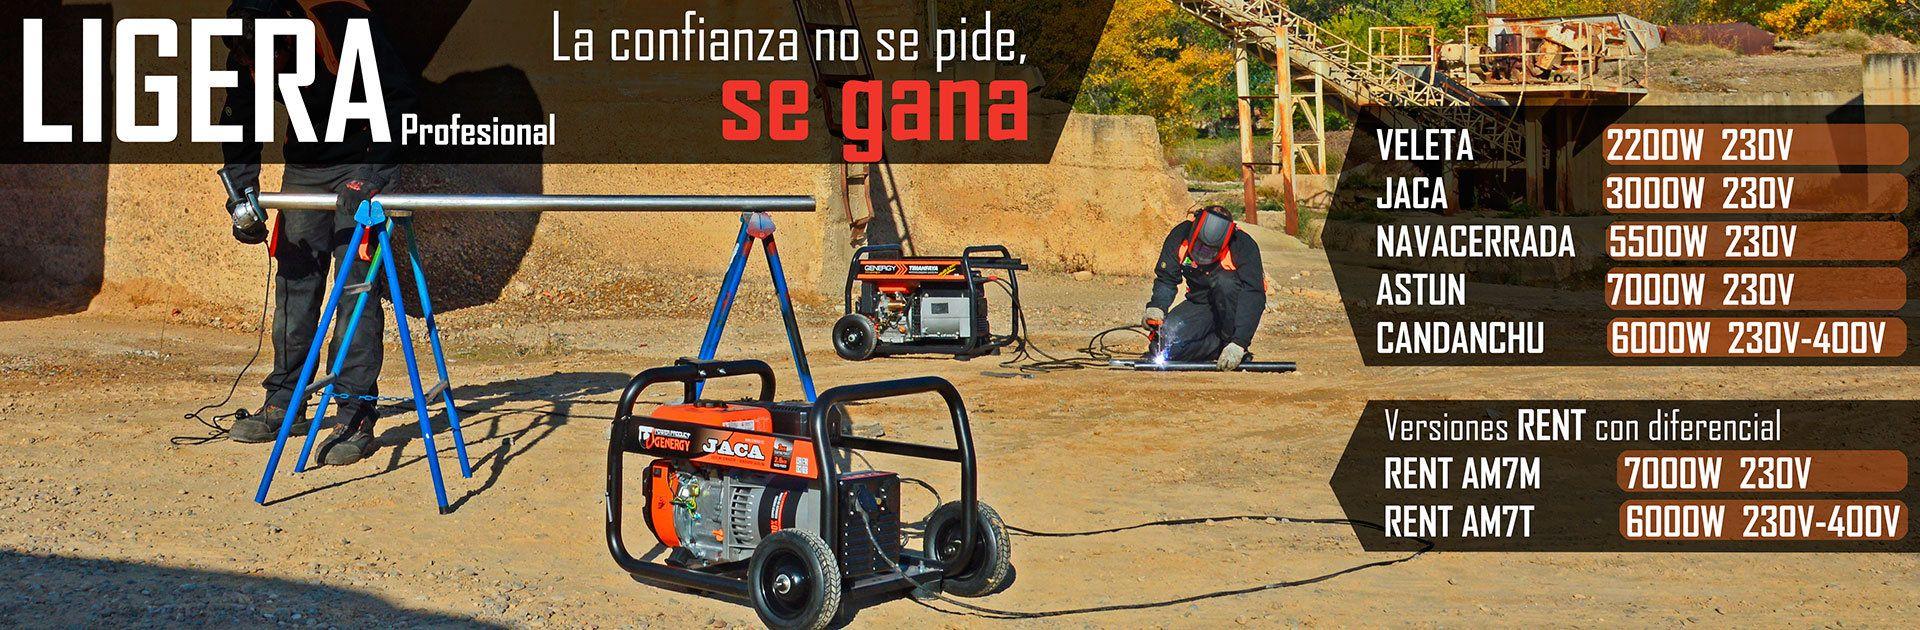 Generadores electricos Genergy de la gama ligera profesional